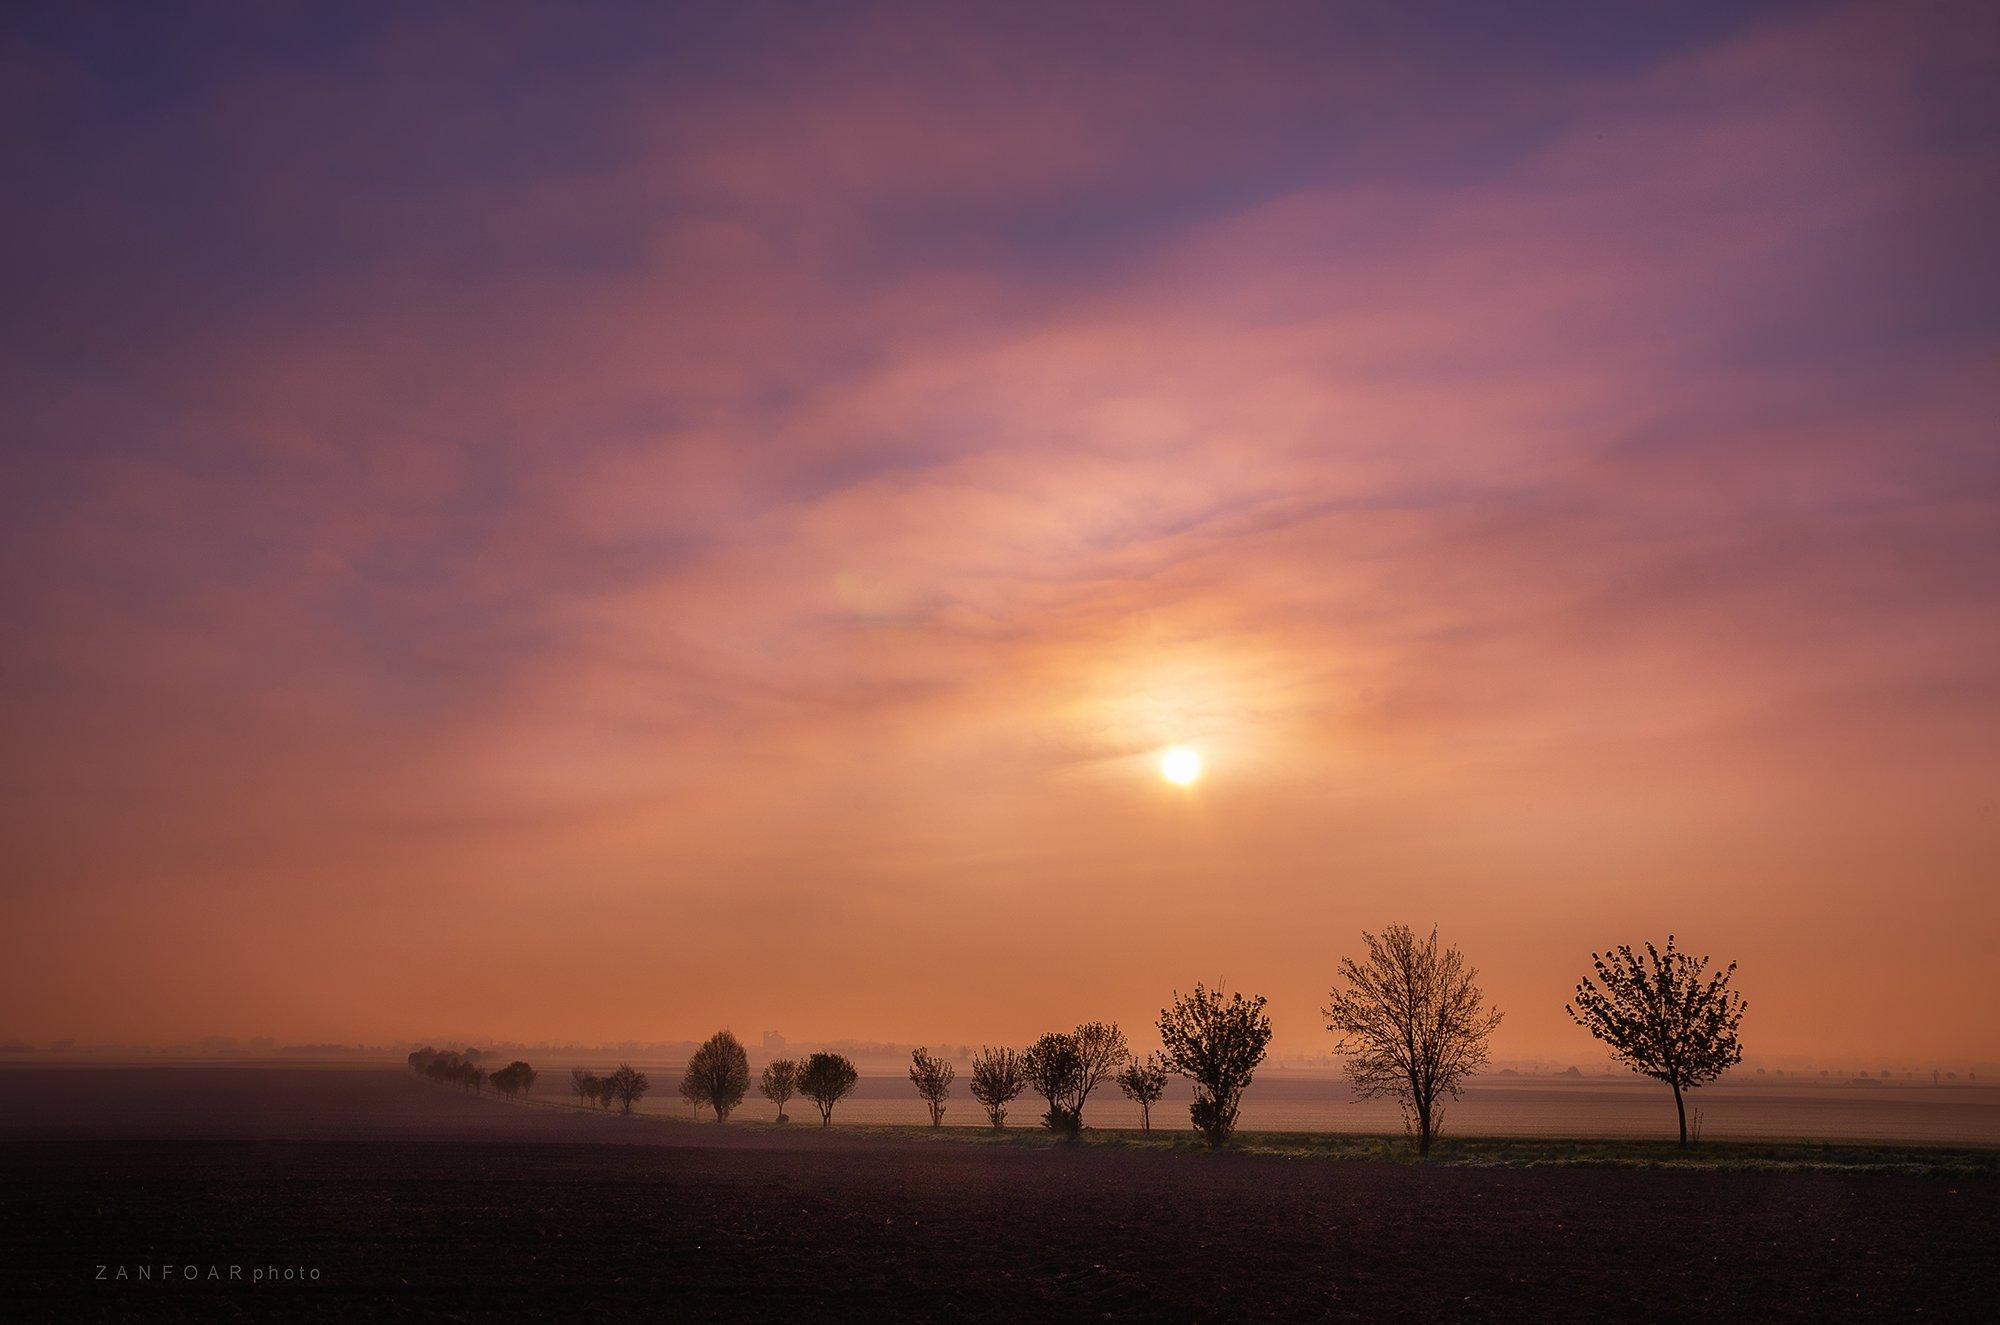 аллея,аллеи деревья деревья зима природа пейзаж снег снег небо облака солнце драматические поля линии никон d7000 zanfoar чешская республика,, Zanfoar